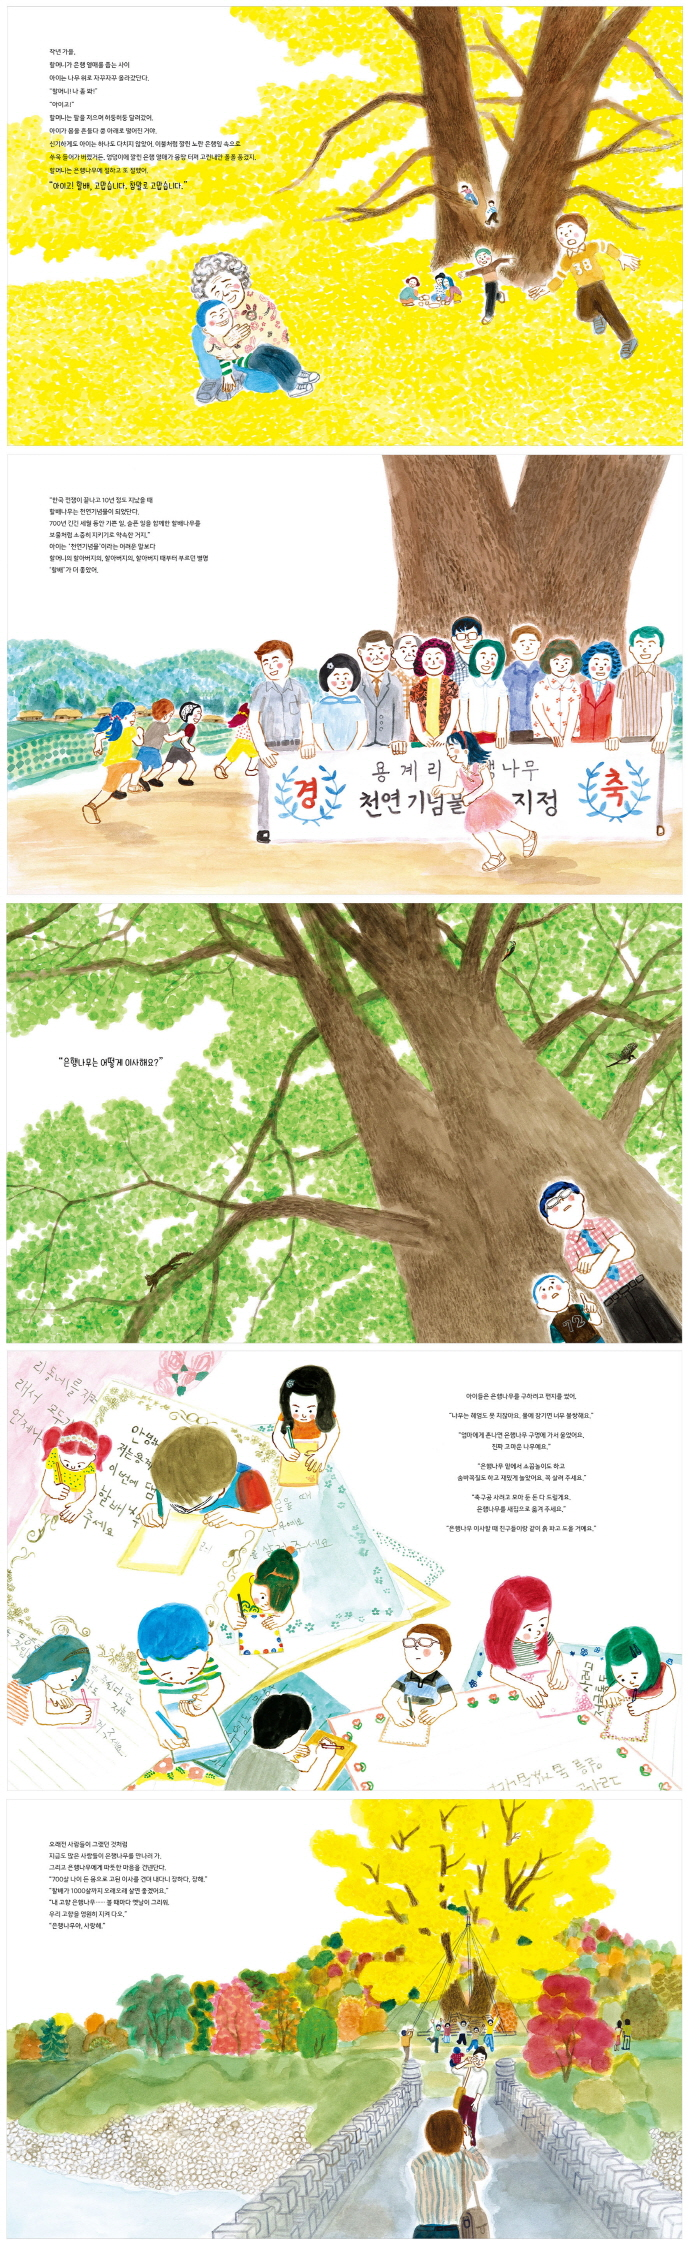 은행나무의 이사(양장본 HardCover) 도서 상세이미지